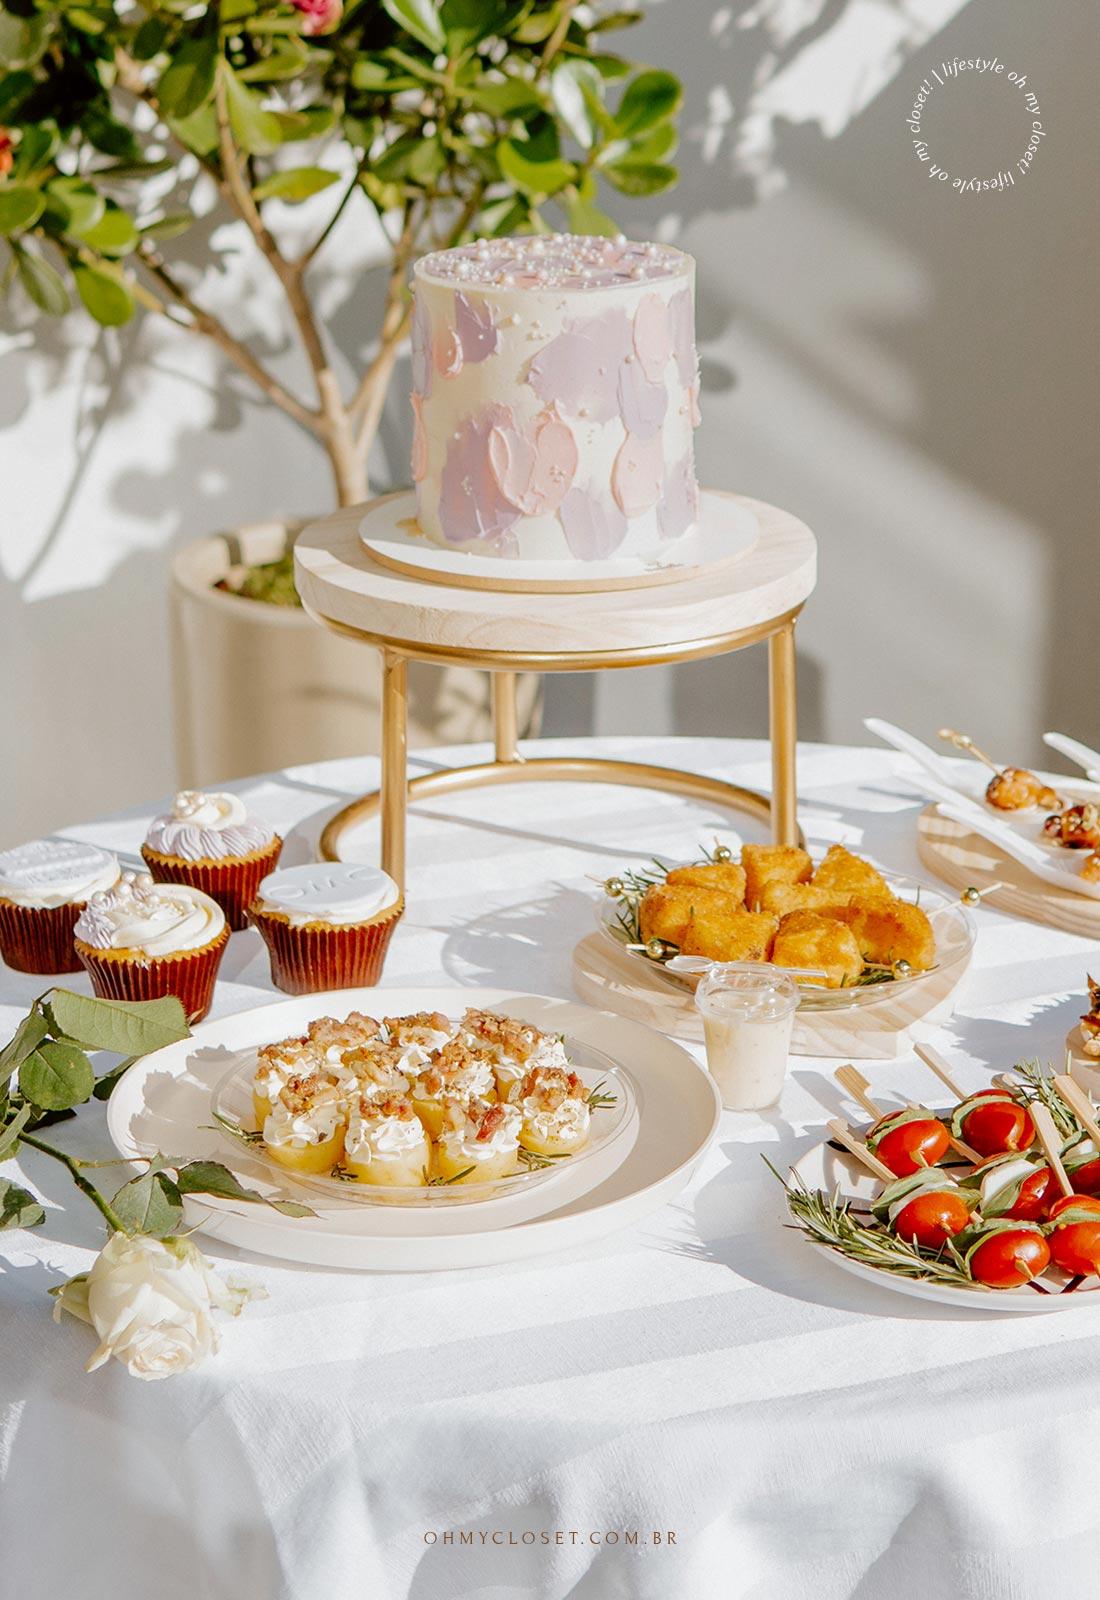 Mesa de comida e bolo para comemoração durante a pandemia.